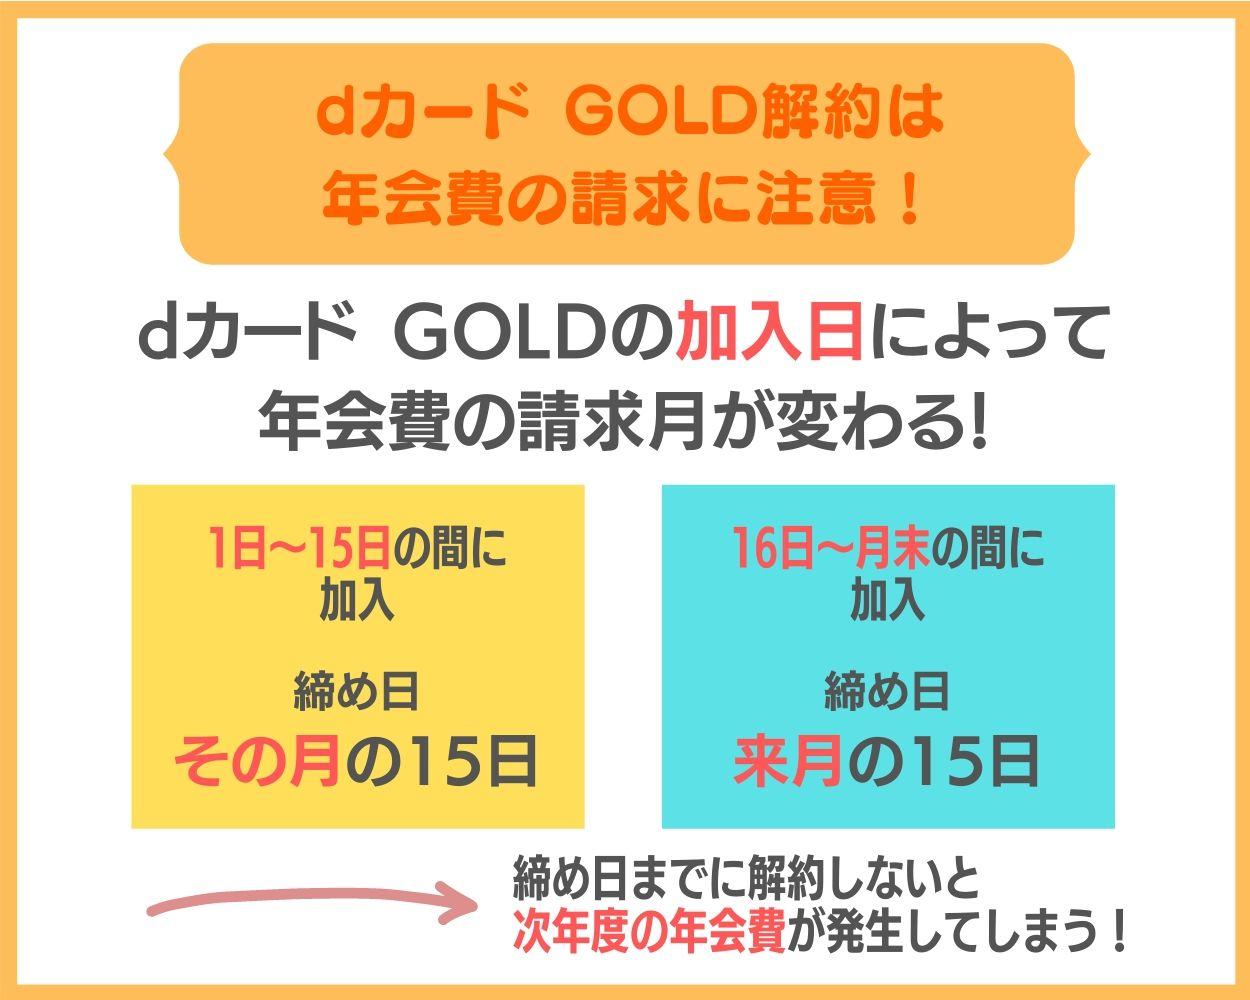 dカード GOLDの解約は日付によって年会費の請求に気をつけよう!違約金はなし!